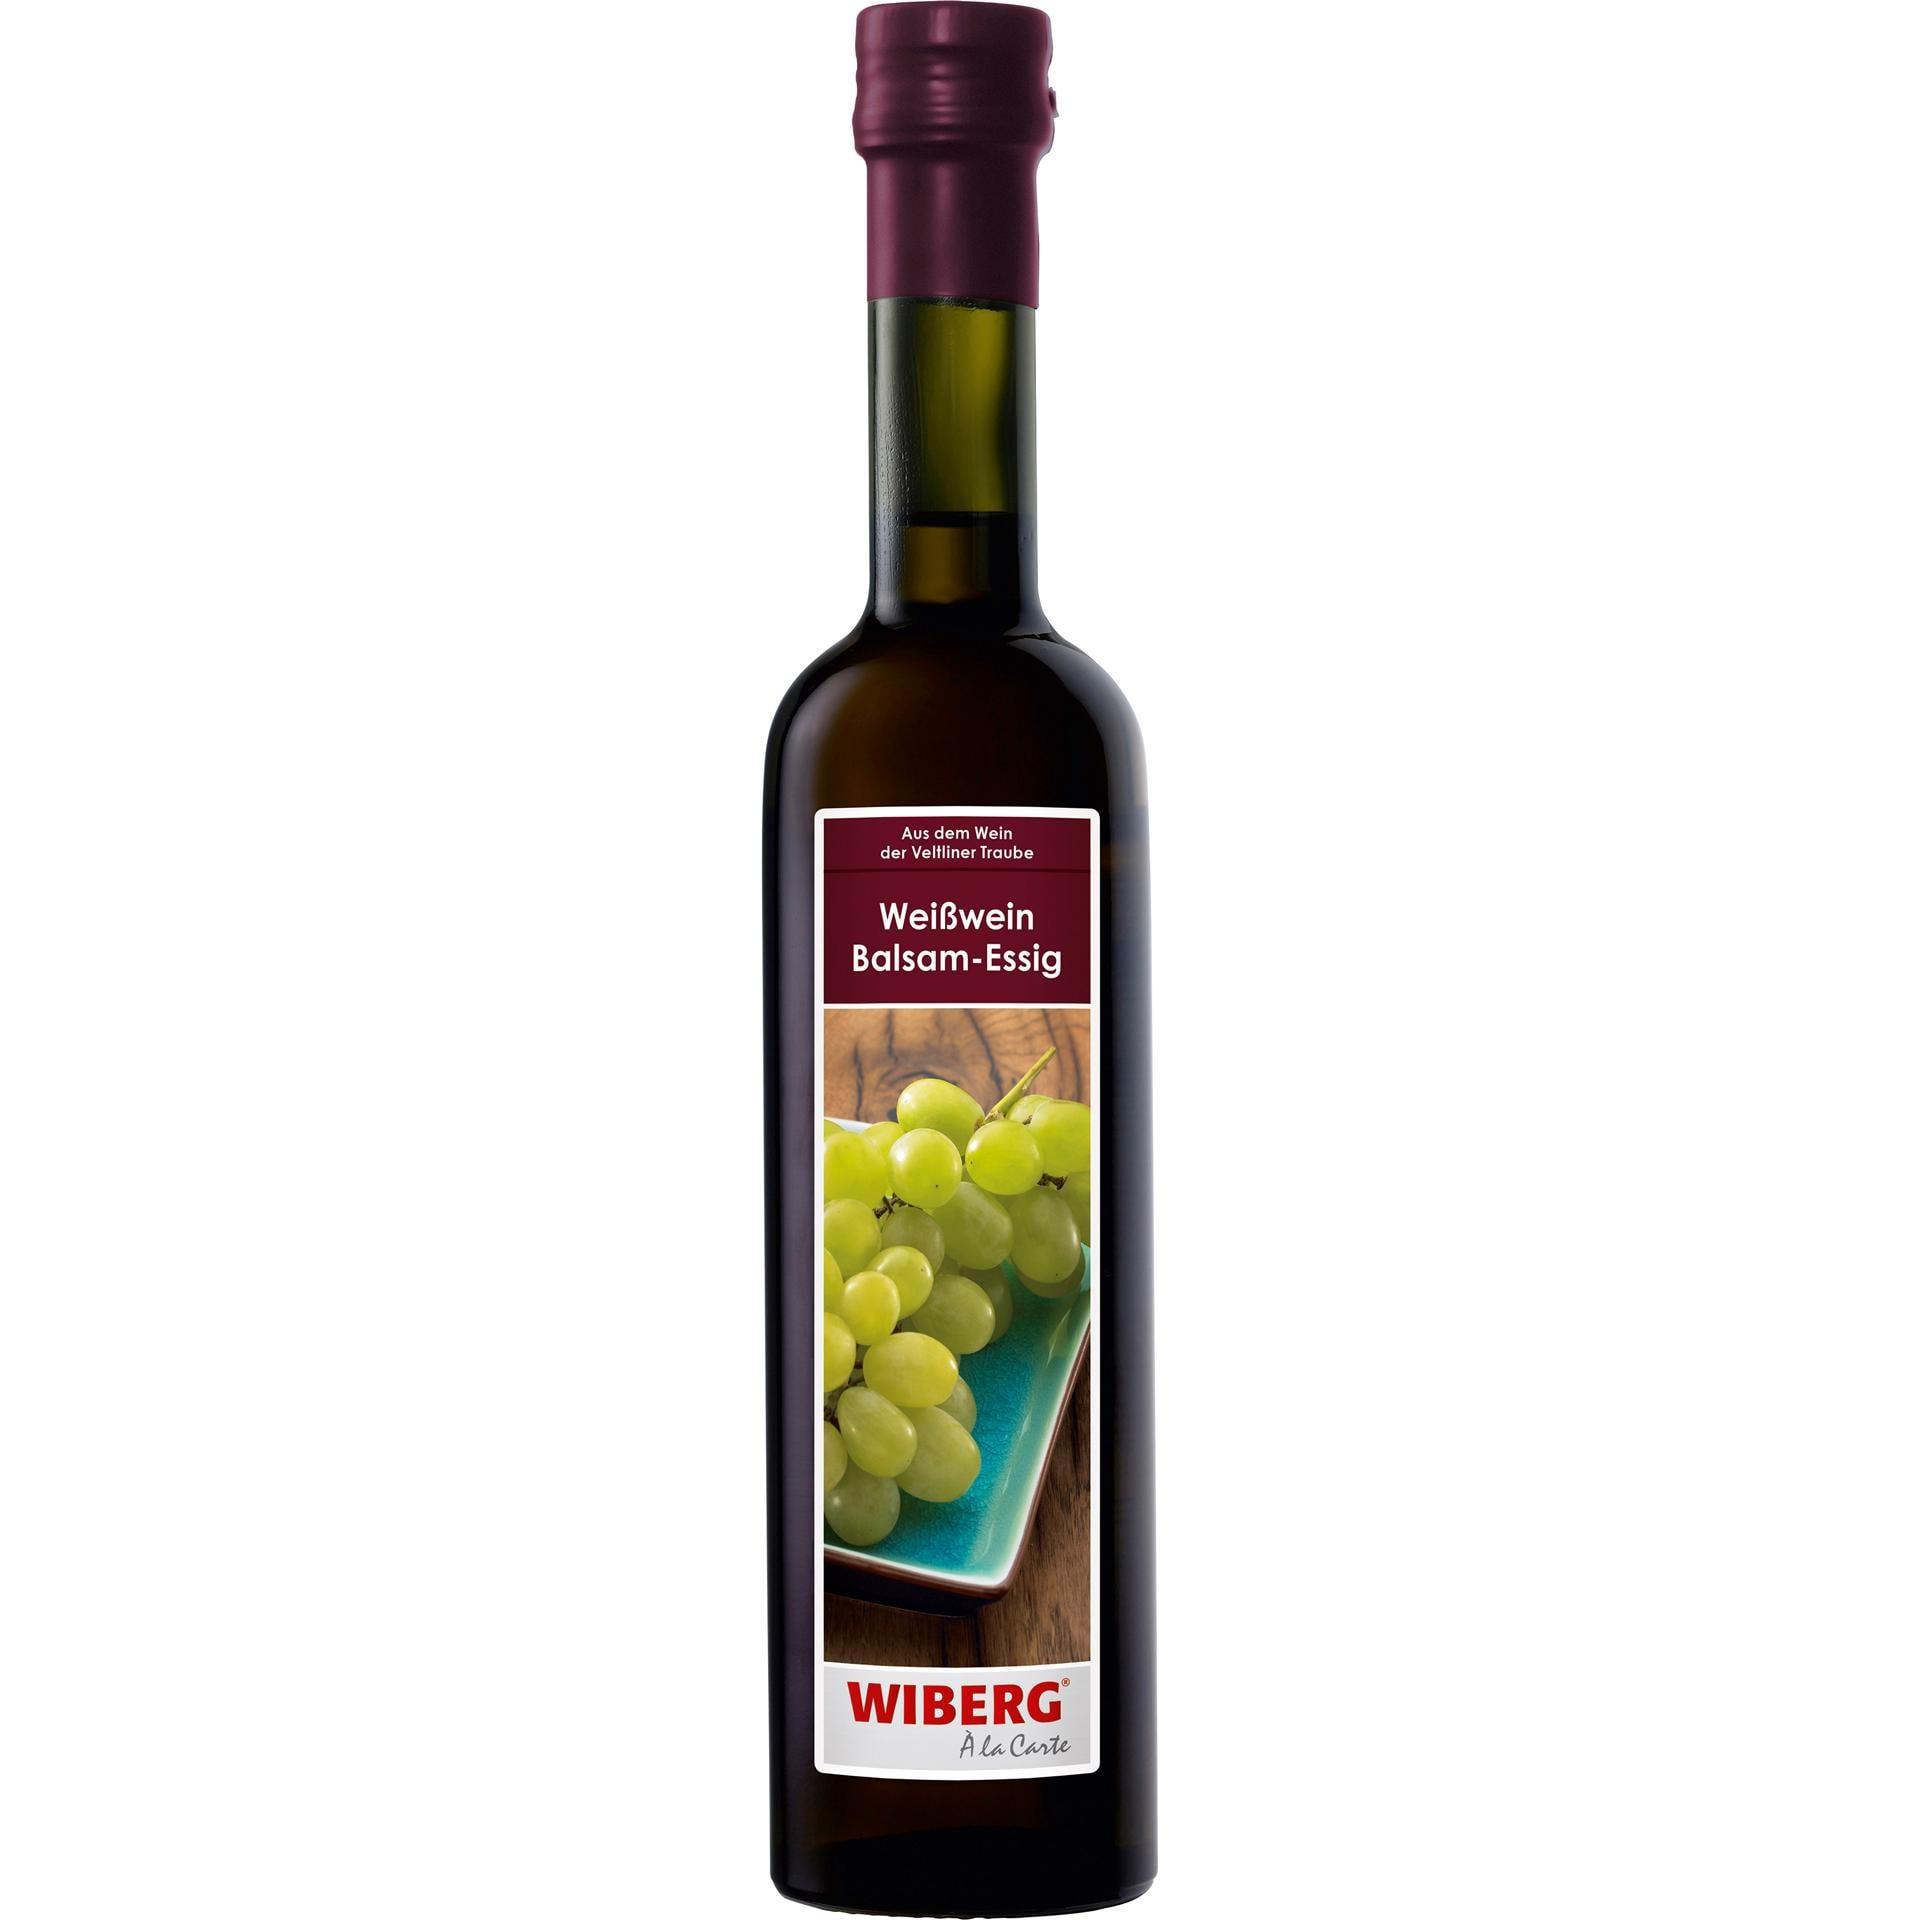 Wiberg - Weißwein Balsam-Essig - 500ml